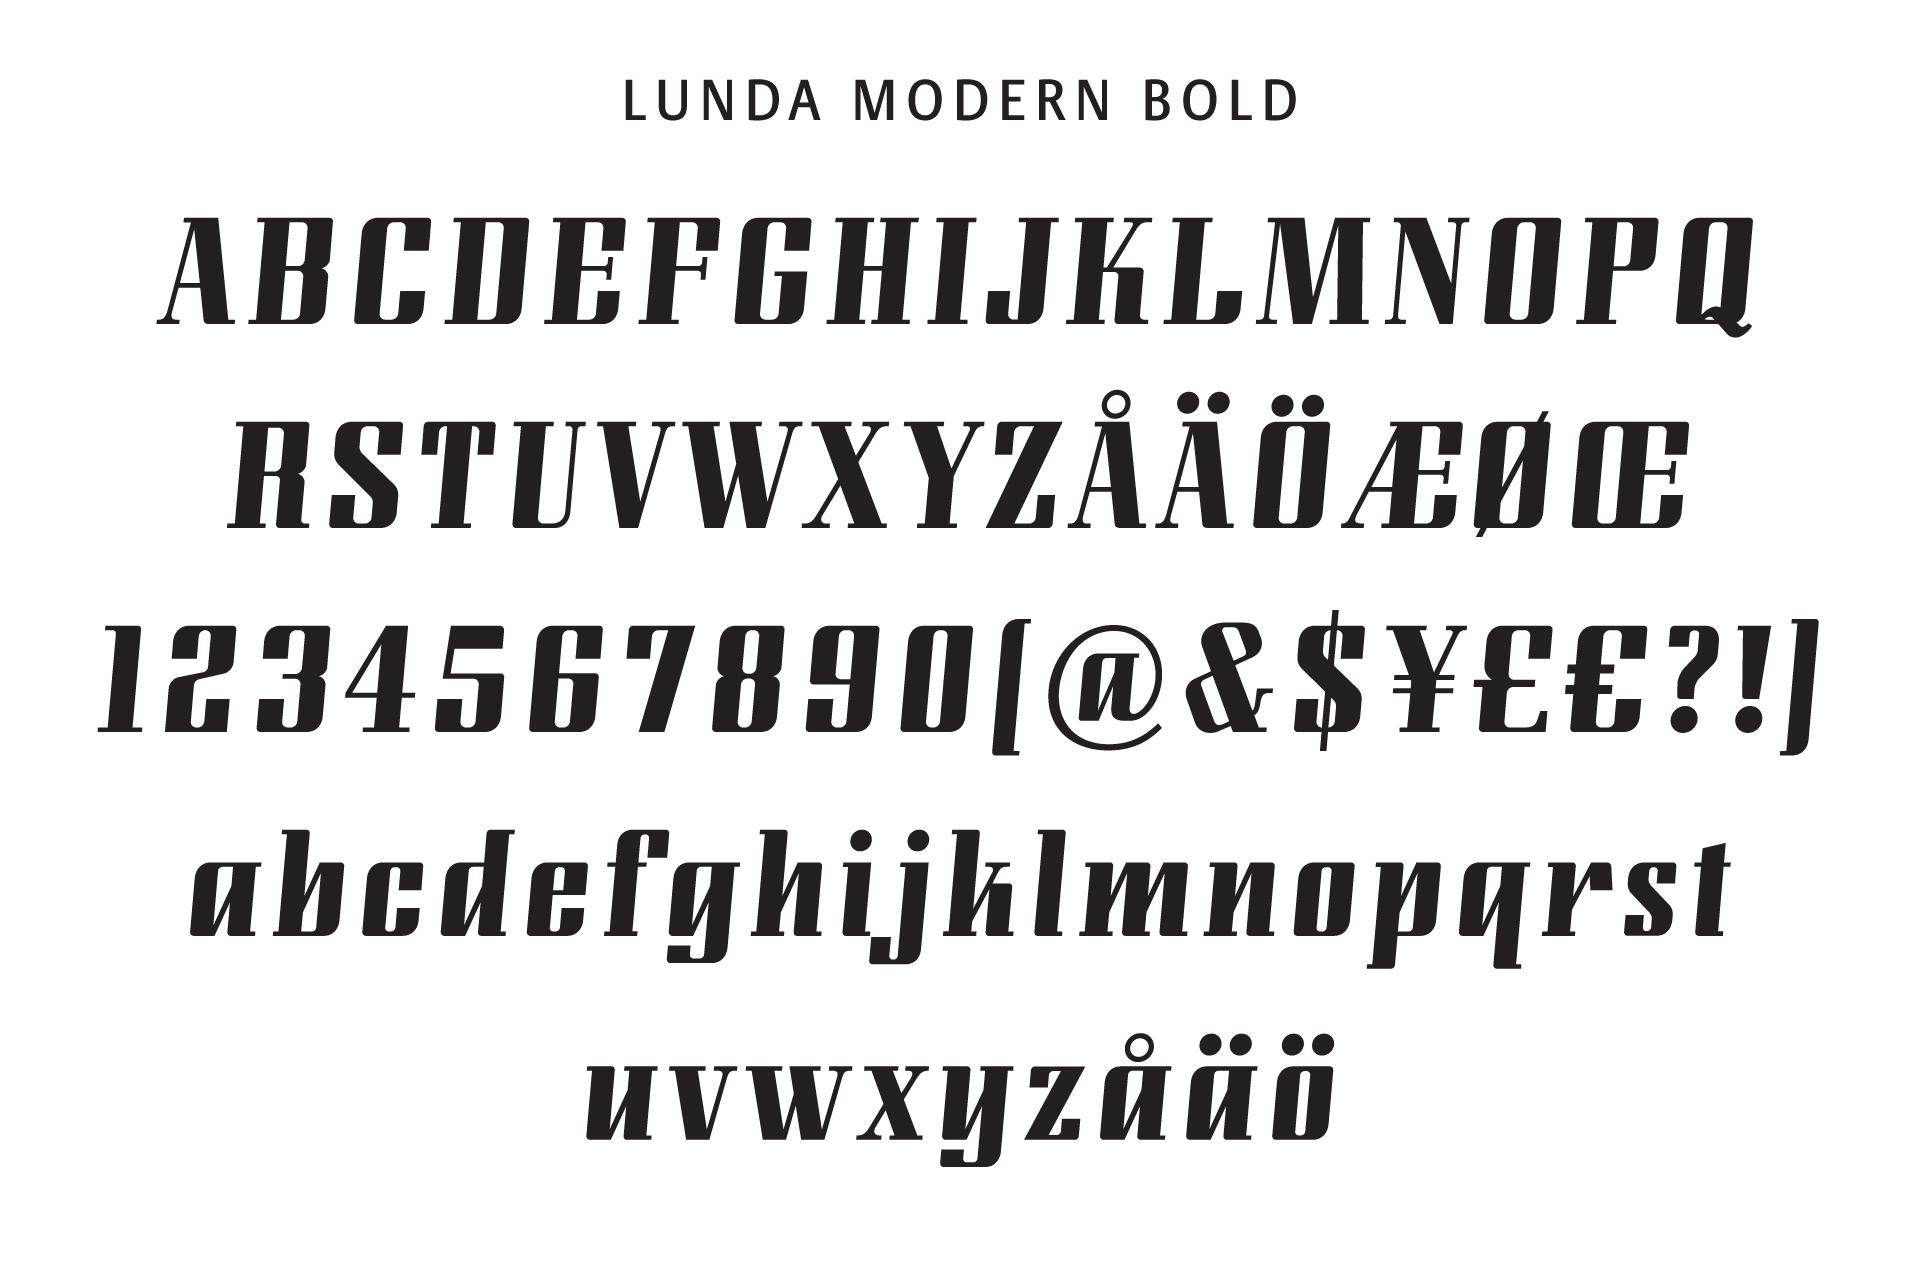 LundaModern_PAGE-5